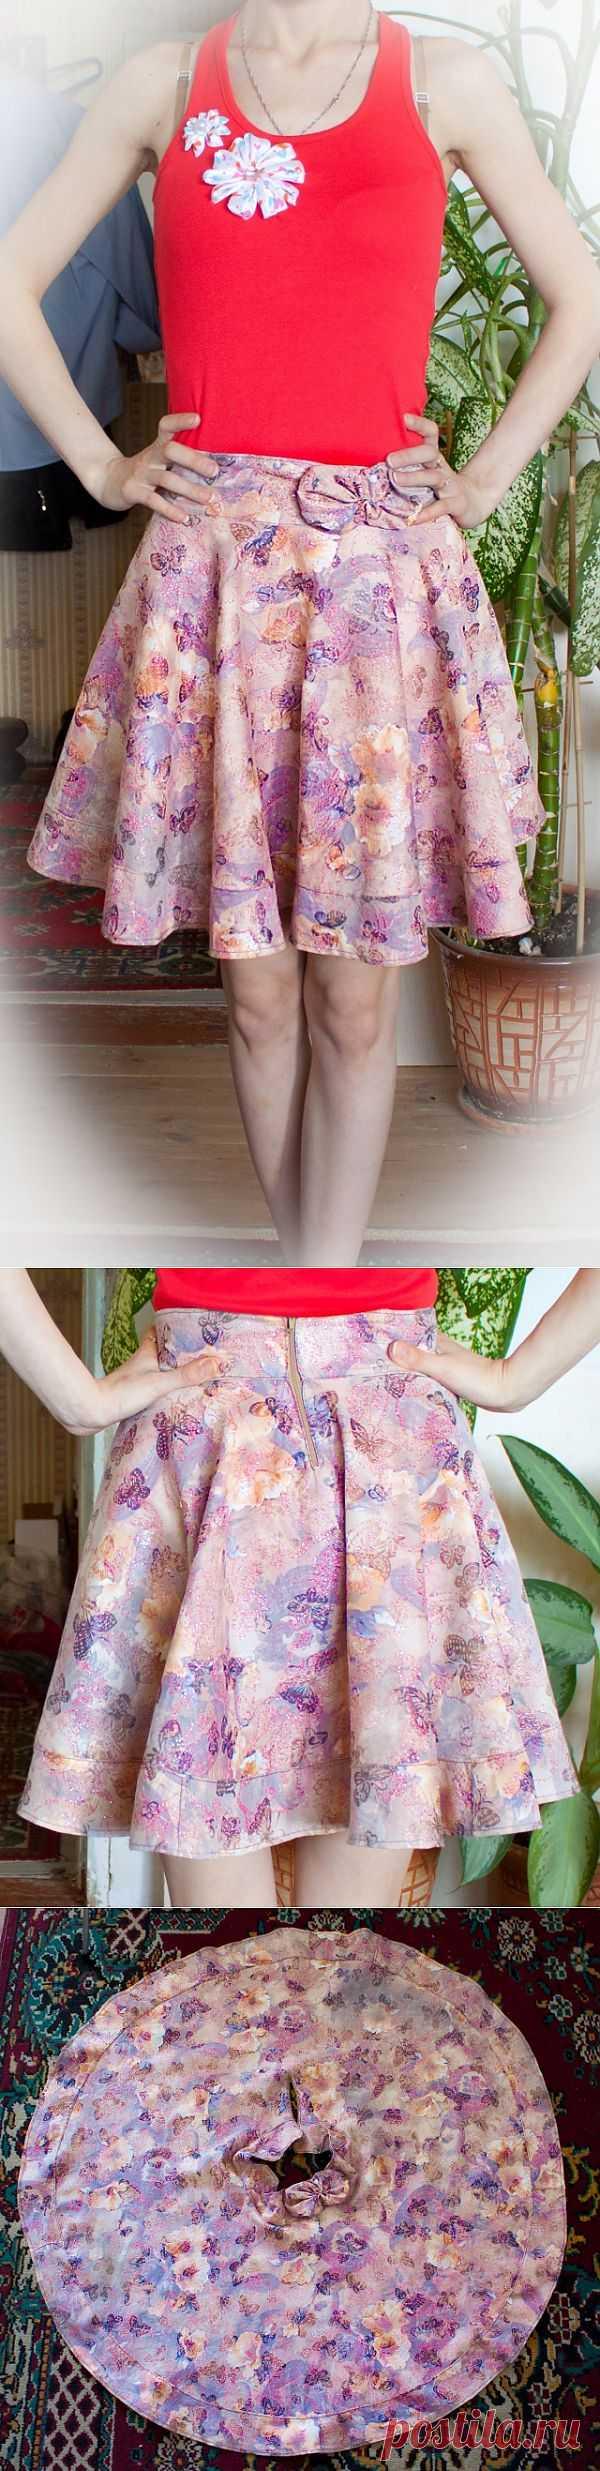 Юбка-солнце / Простые выкройки / Модный сайт о стильной переделке одежды и интерьера